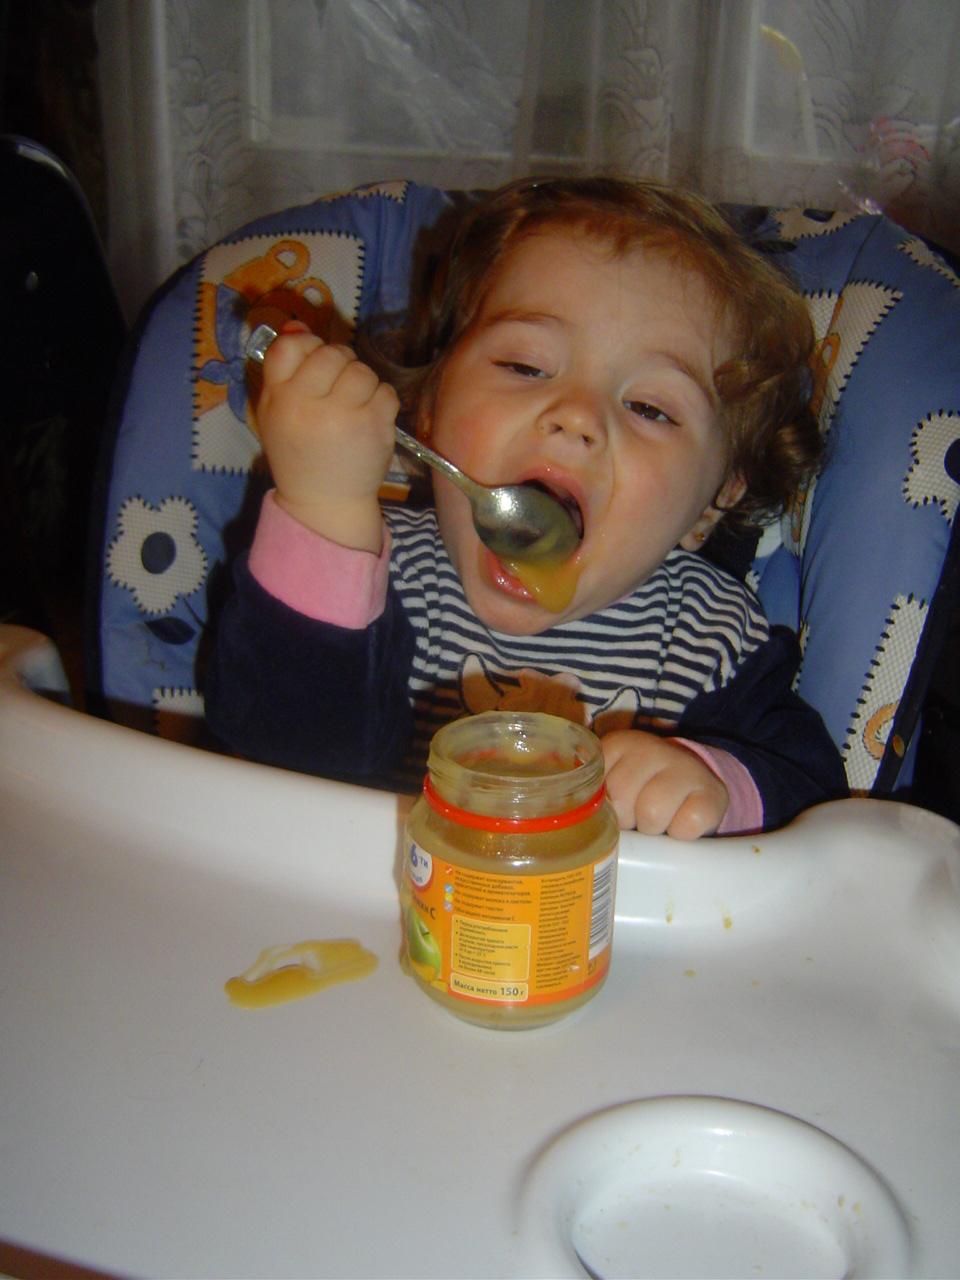 Опять все мимо,а так кушать хотца. Крошка с ложкой